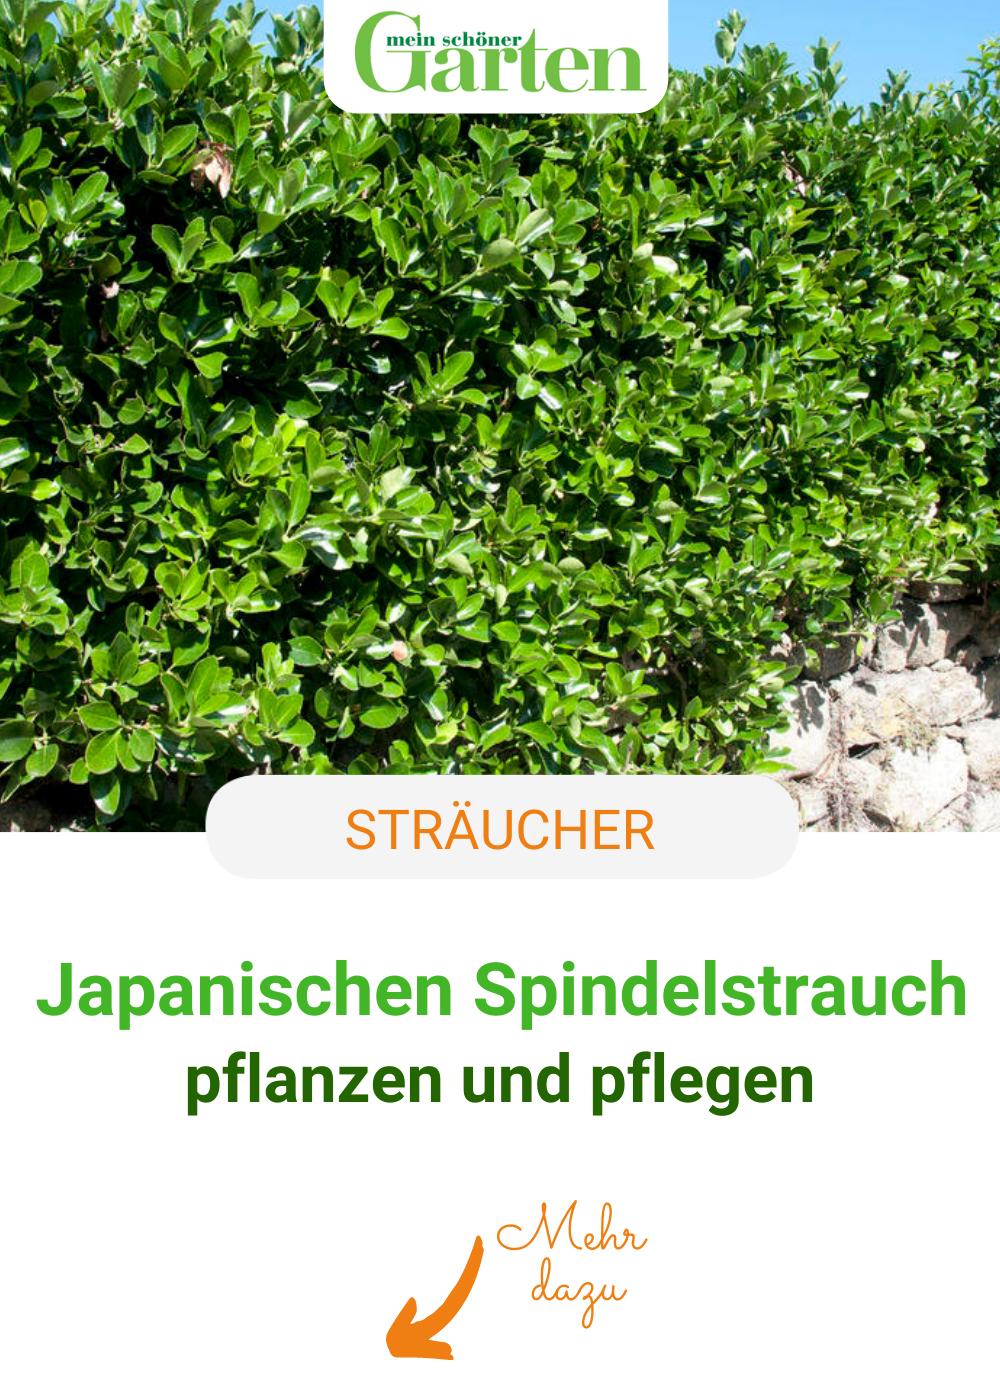 Japanischer Spindelstrauch Immergrune Hecken Und Strukturpflanze Pflanzen Immergrune Pflanzen Japan